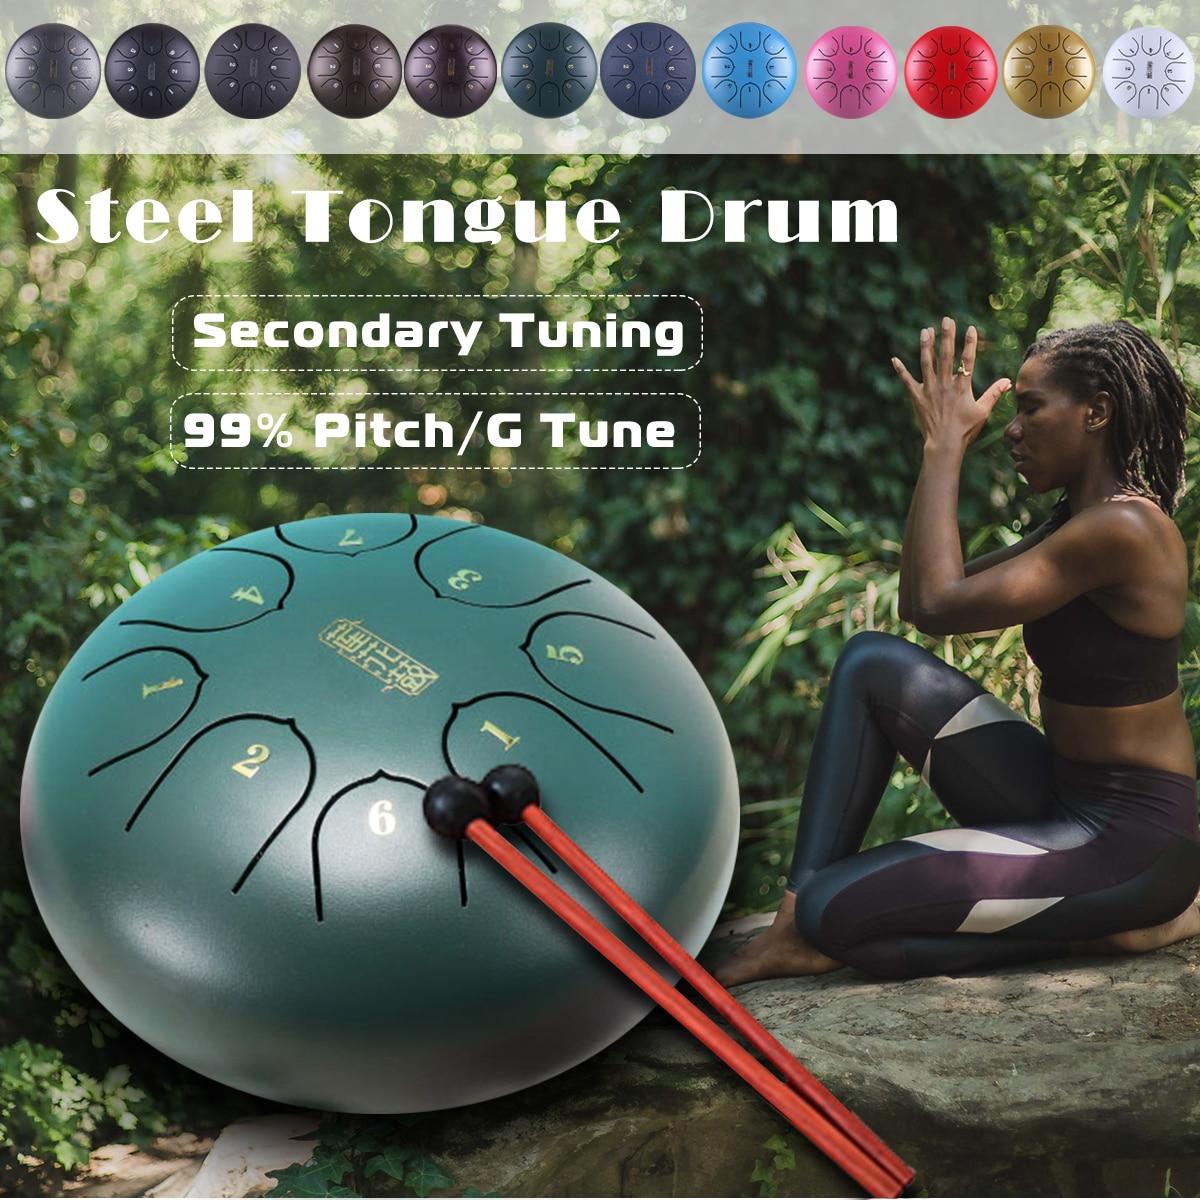 6 pouces En Acier Langue Tambour Mini 8 Ton G Tune Pan Main Tambour Réservoir Hang Drum avec Pilons Sac de Transport percussion Instruments